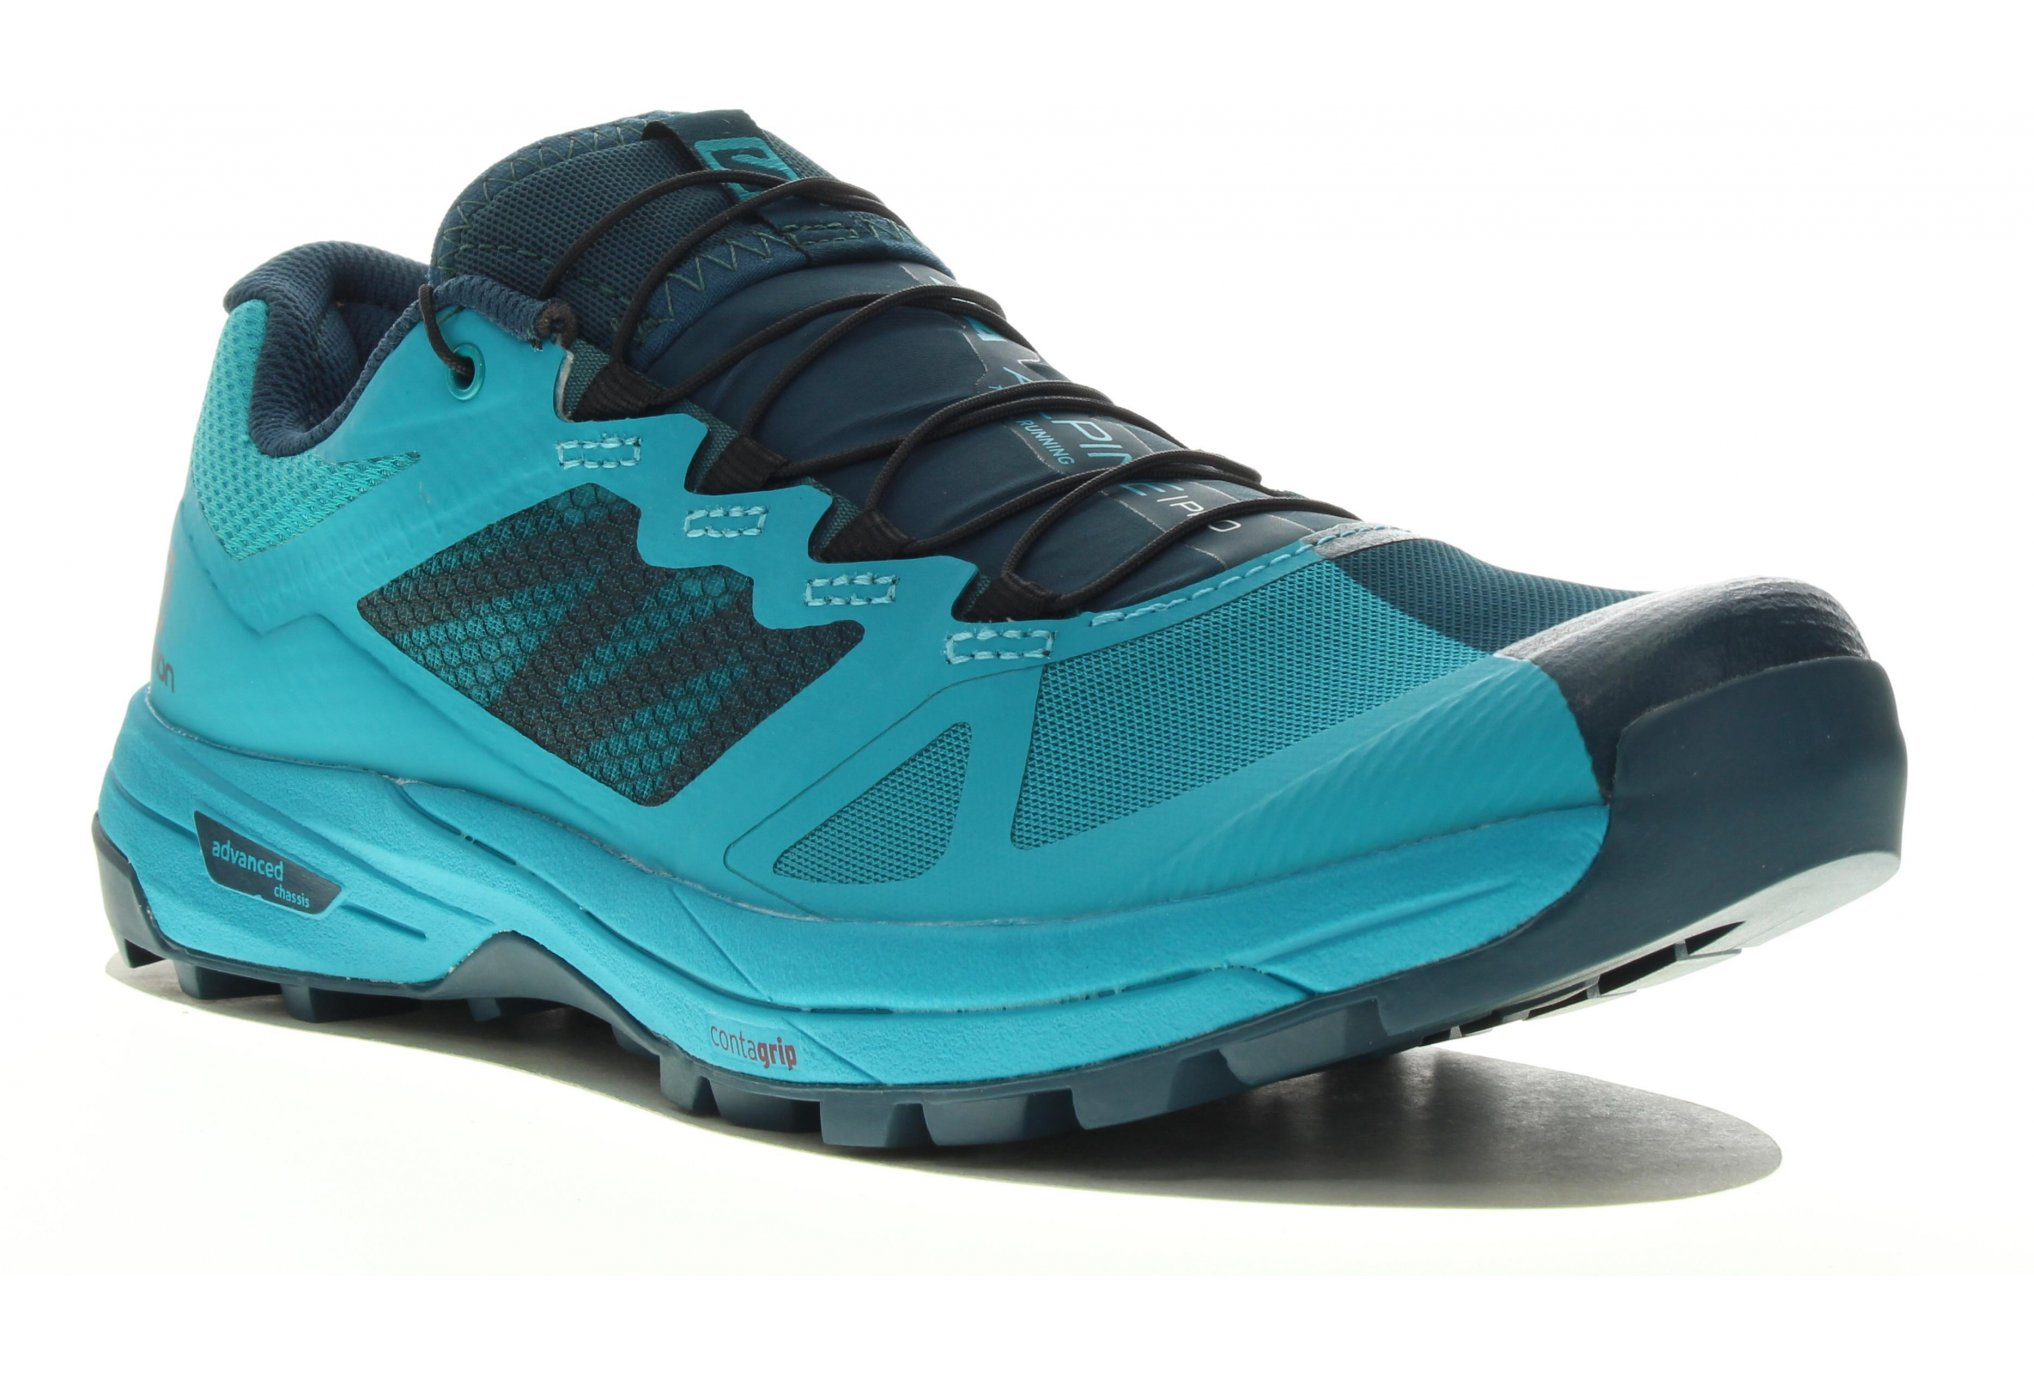 Salomon X Alpine Pro W Chaussures running femme